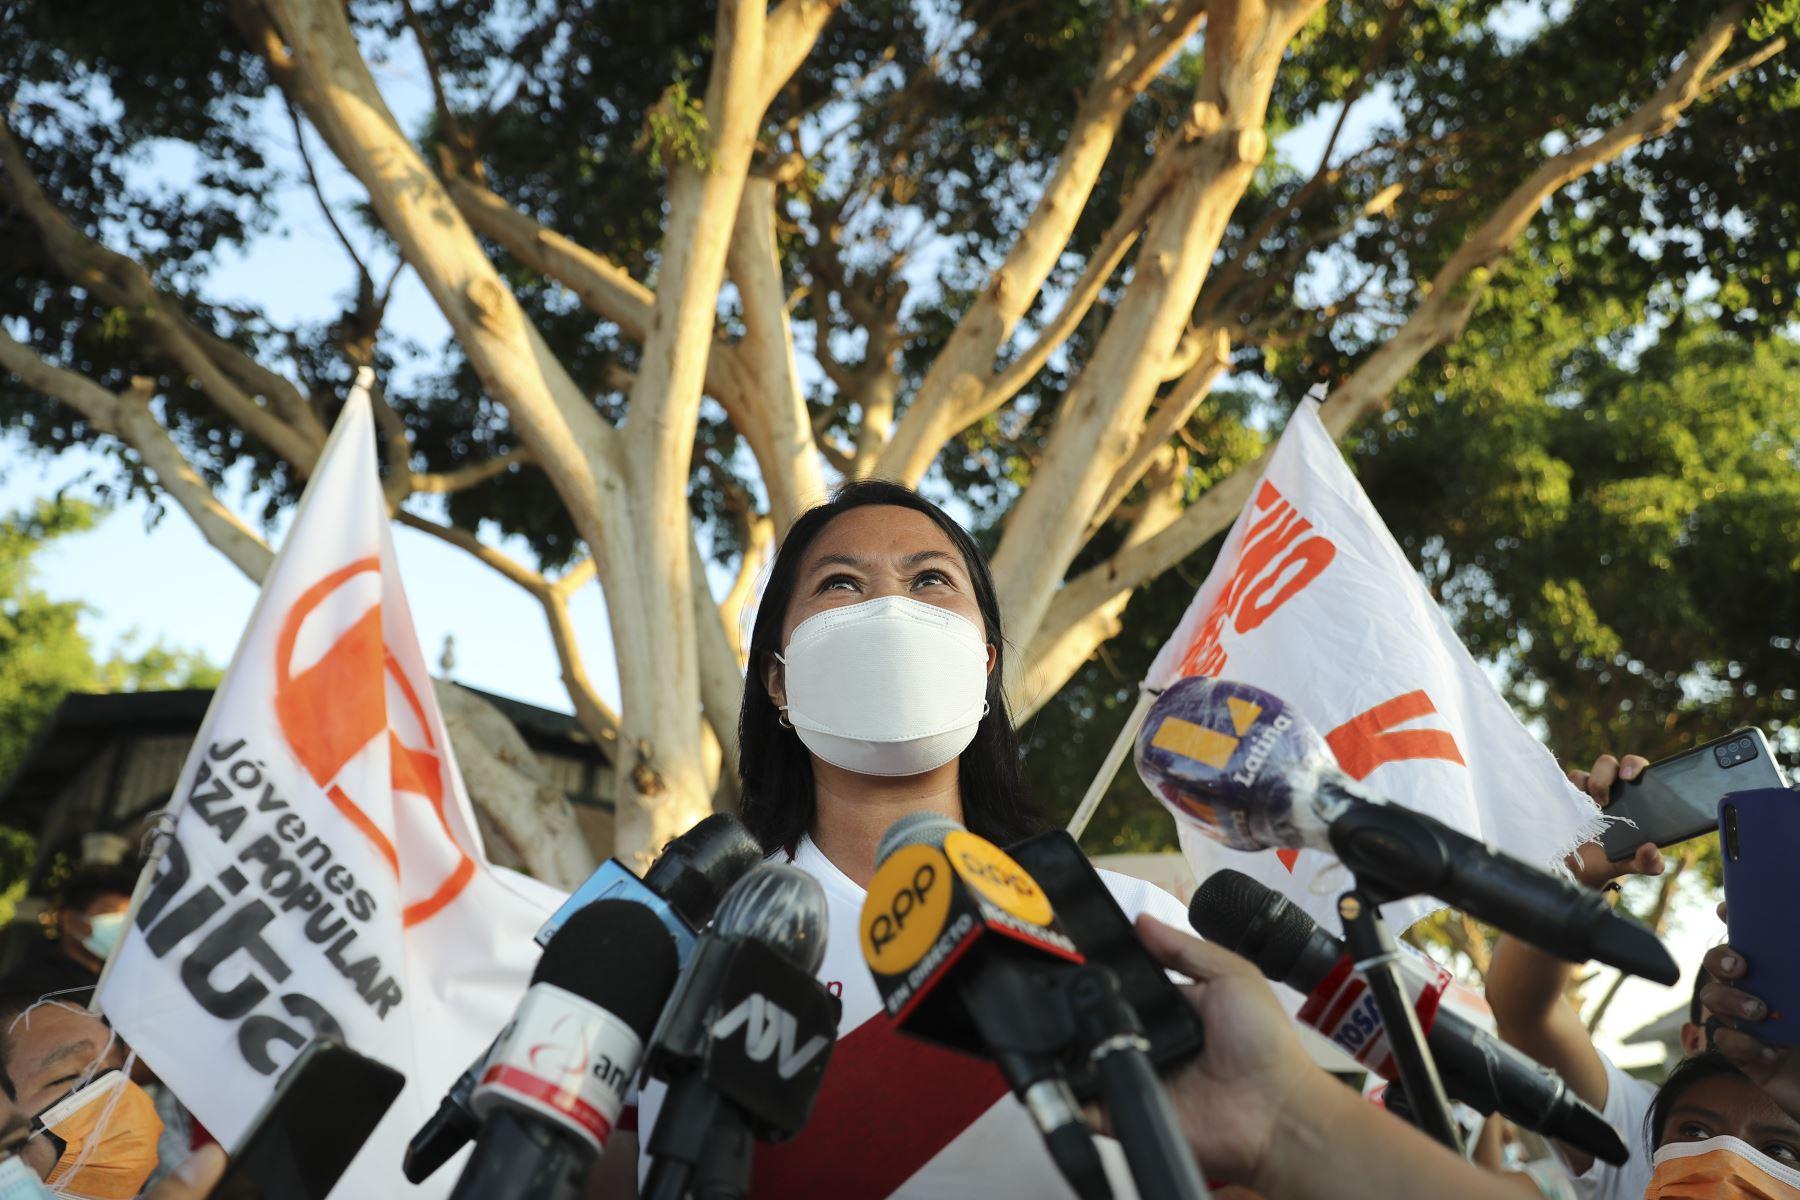 Keiko Fujimori respondió a la prensa en la localidad de El Arenal, Piura. ANDINA/Carla Patiño Ramírez